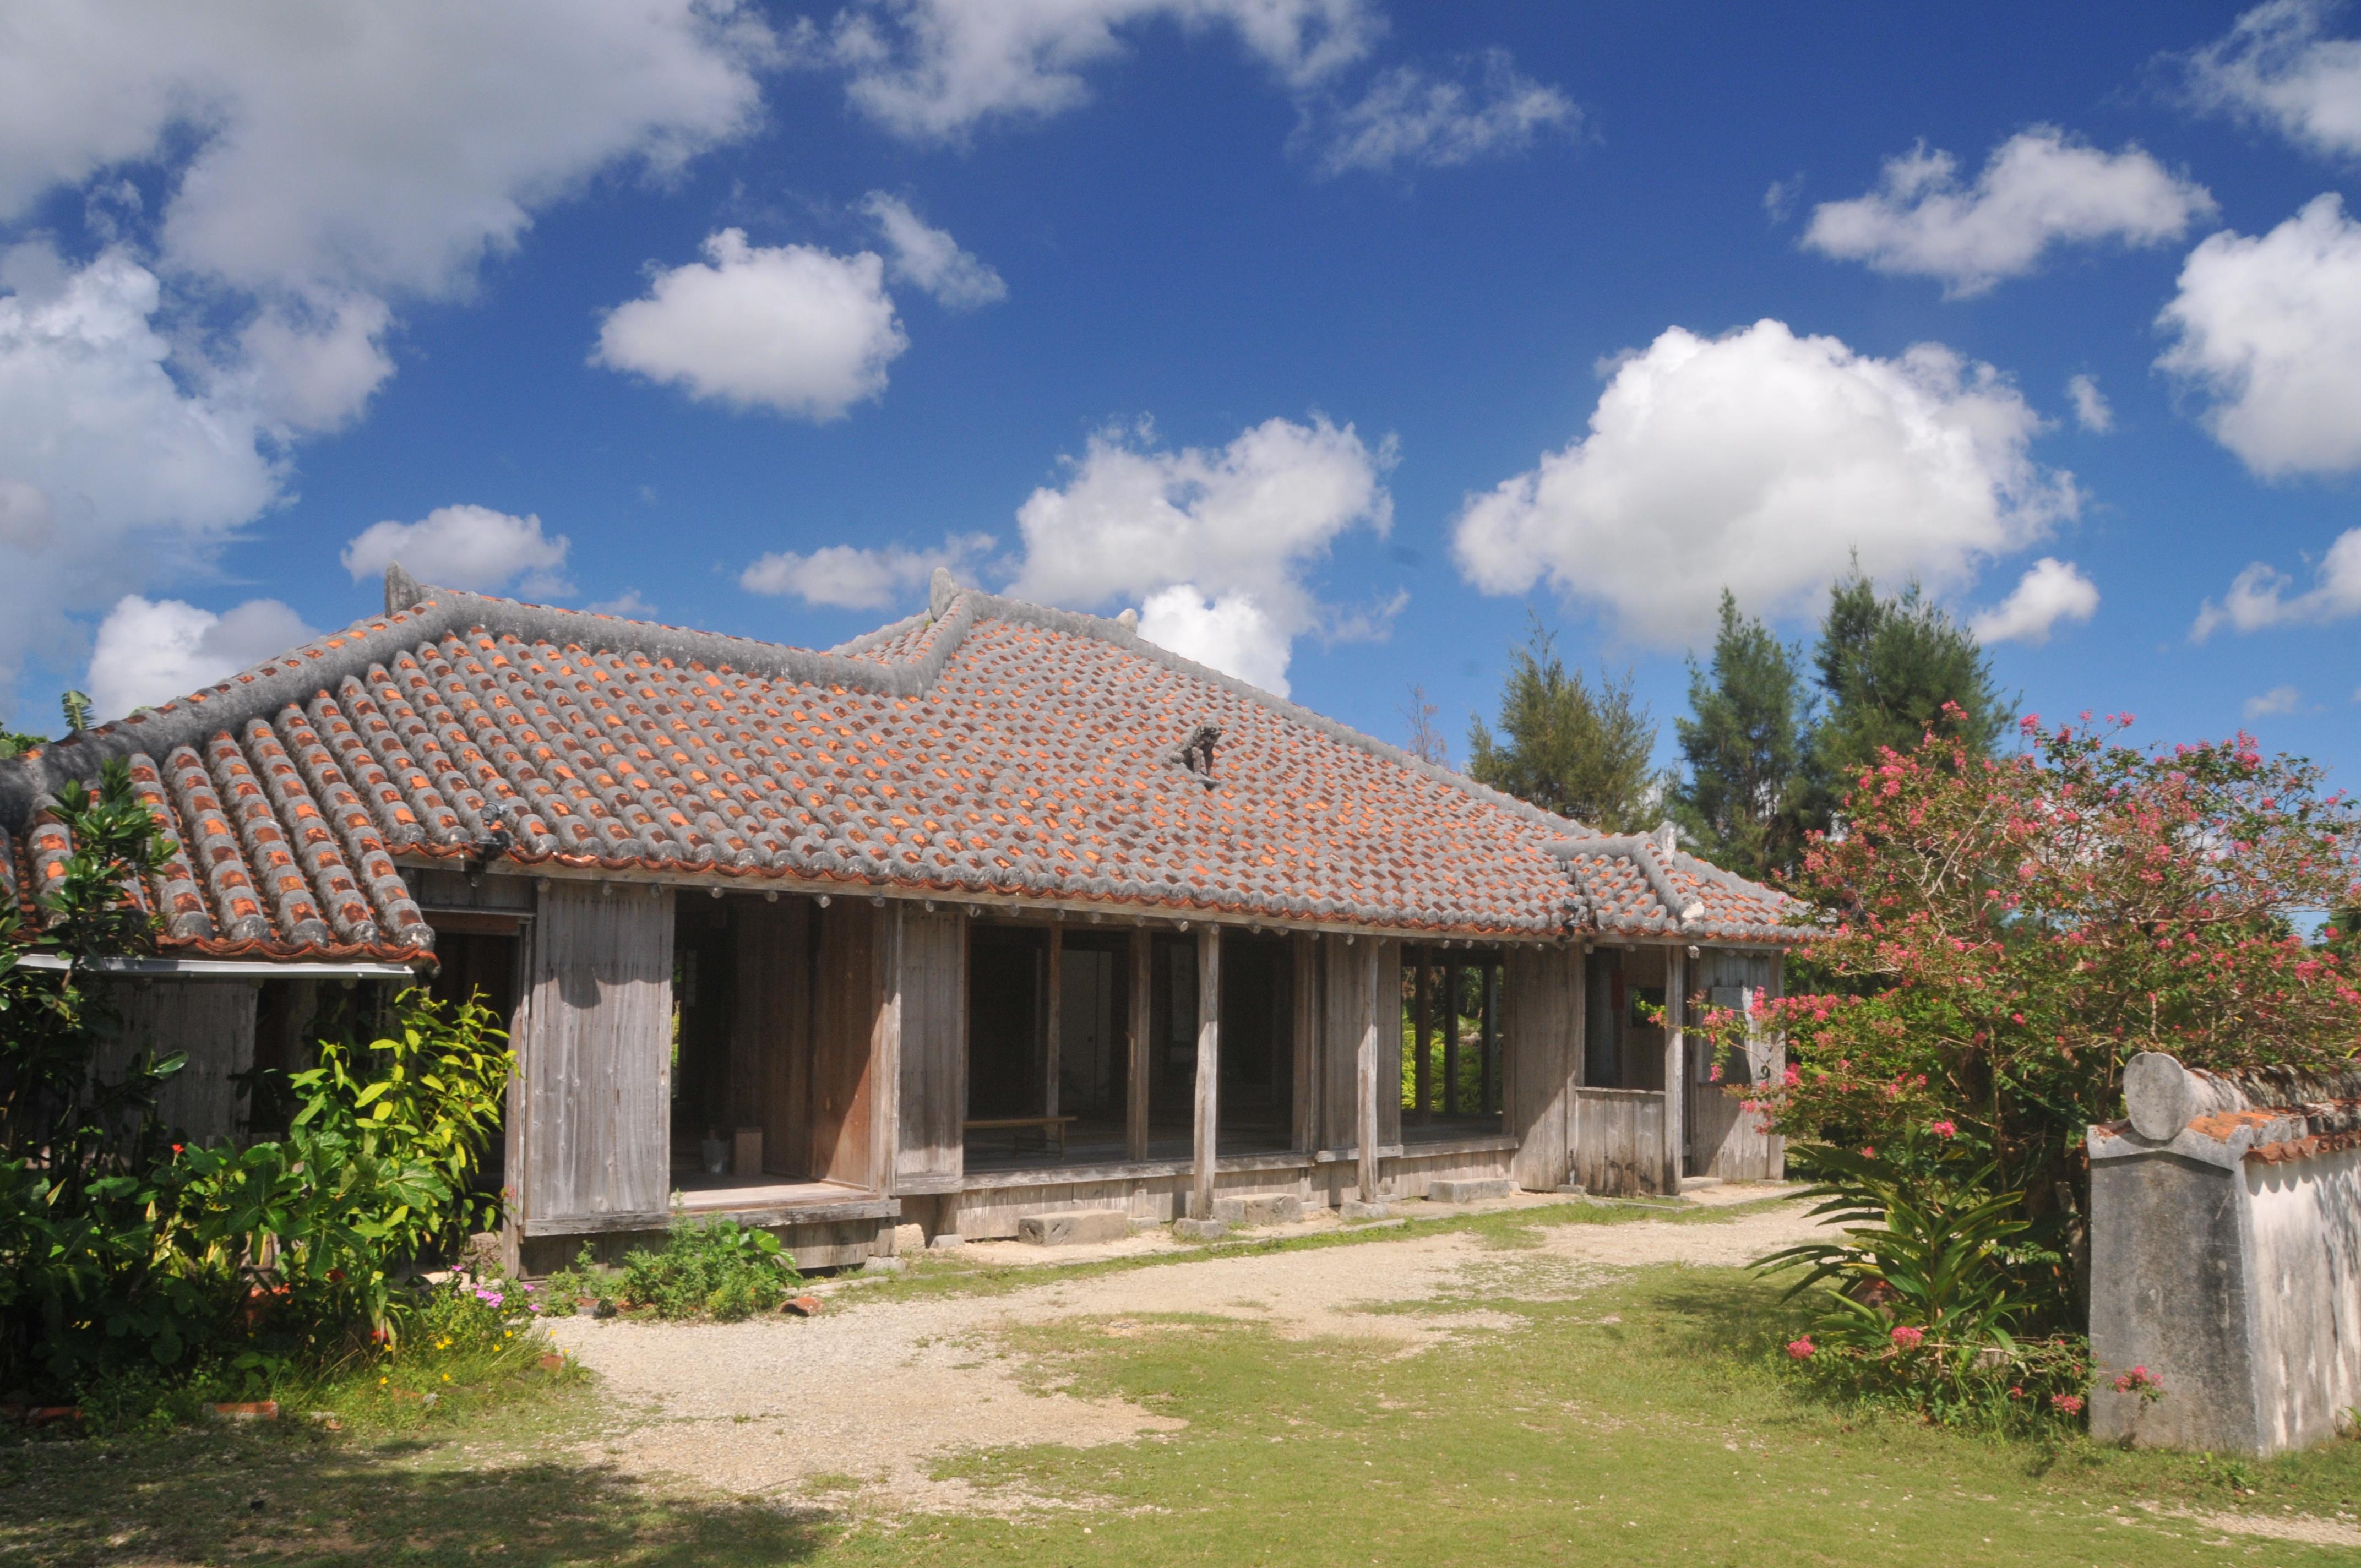 1900(明治32)年に建てられた旧士族の屋敷・森田邸をはじめ、八重山の歴史を語る貴重な古民家は必見